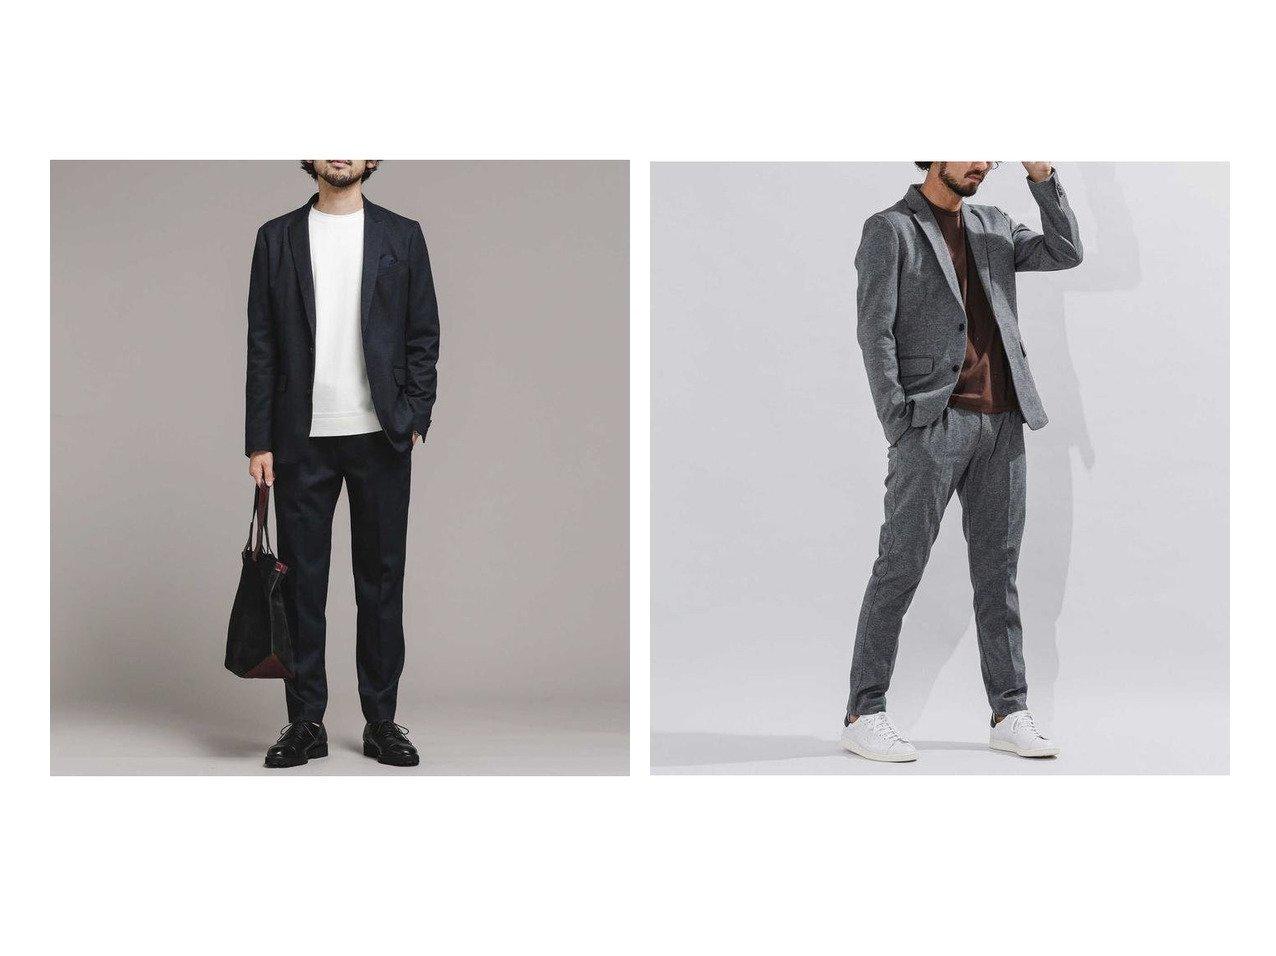 【nano universe / MEN/ナノ ユニバース】のダメリーノSOLOTEX フランネルセットアップ&ダメリーノ SQUALL PROOF ストレッチセットアップ 【MEN】男性のおすすめ!人気、メンズファッションの通販 おすすめで人気のファッション通販商品 インテリア・家具・キッズファッション・メンズファッション・レディースファッション・服の通販 founy(ファニー) https://founy.com/ ファッション Fashion メンズ MEN アウター Coats Outerwear Men テーラードジャケット Tailored Jackets アウトドア スタイリッシュ ストレッチ スペシャル スーツ セットアップ フォーマル フランス ワーク テーパード メランジ 軽量 |ID:crp329100000003854